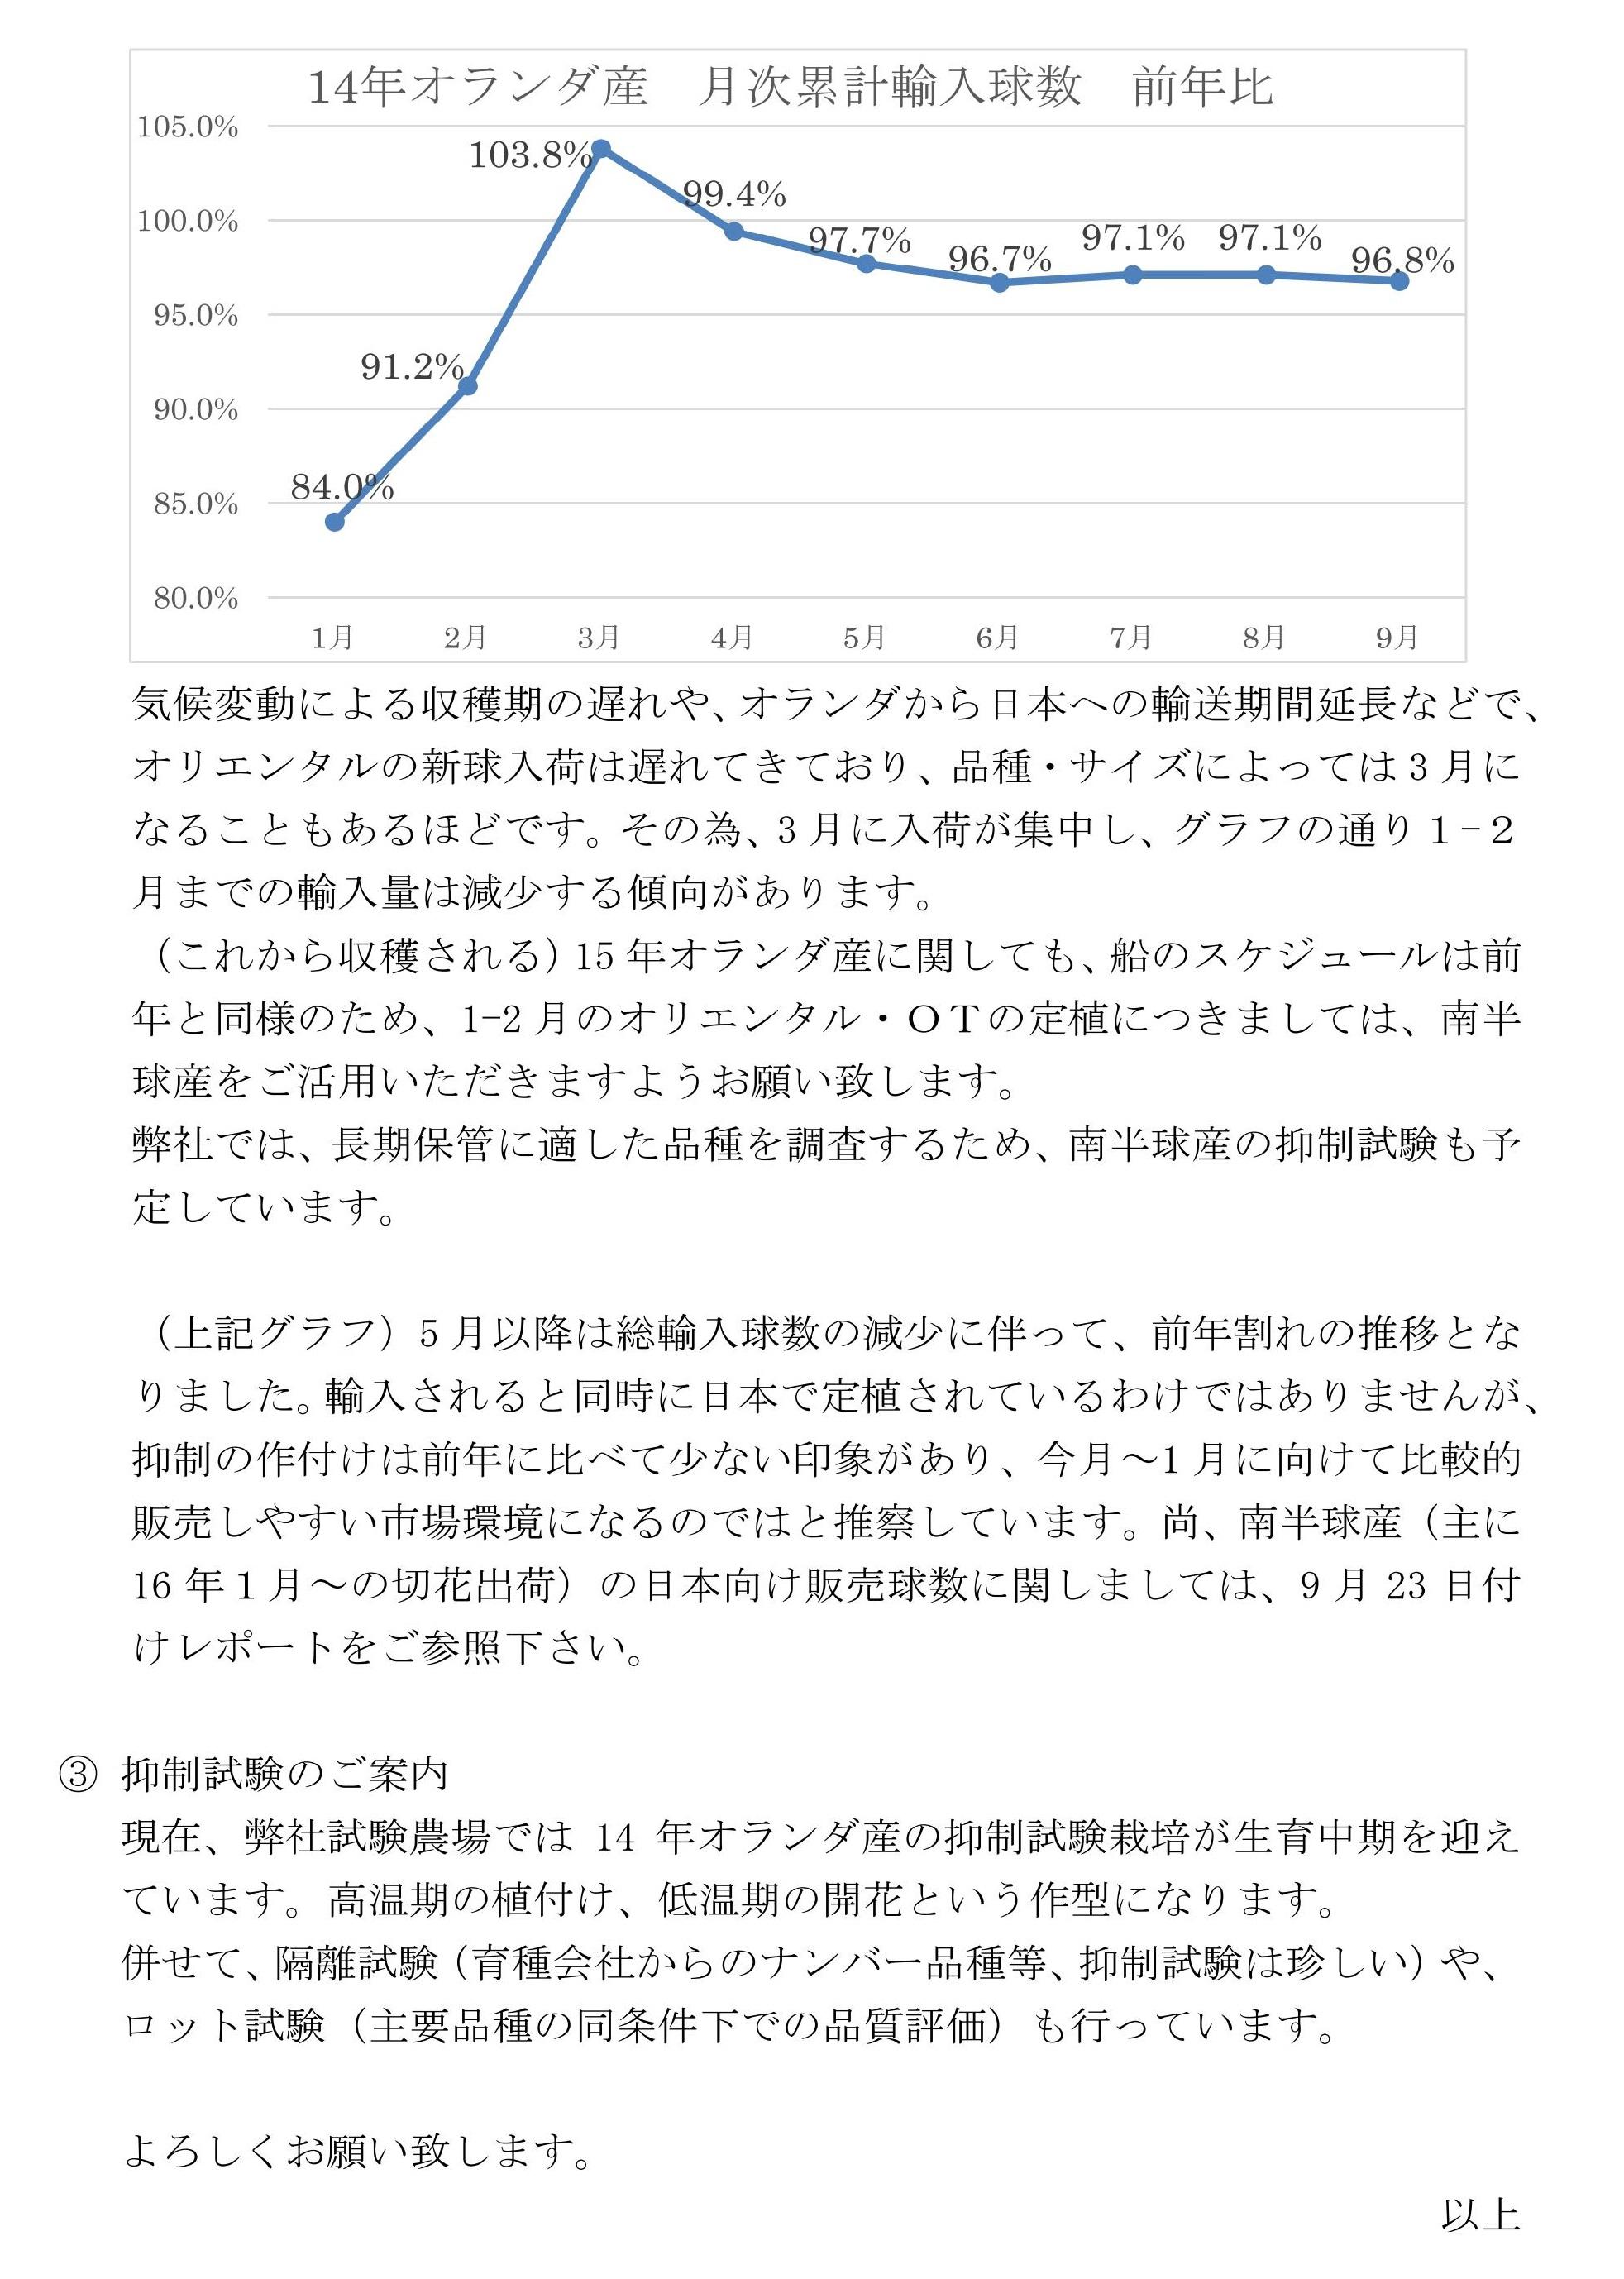 情勢報告(2015/10/14)